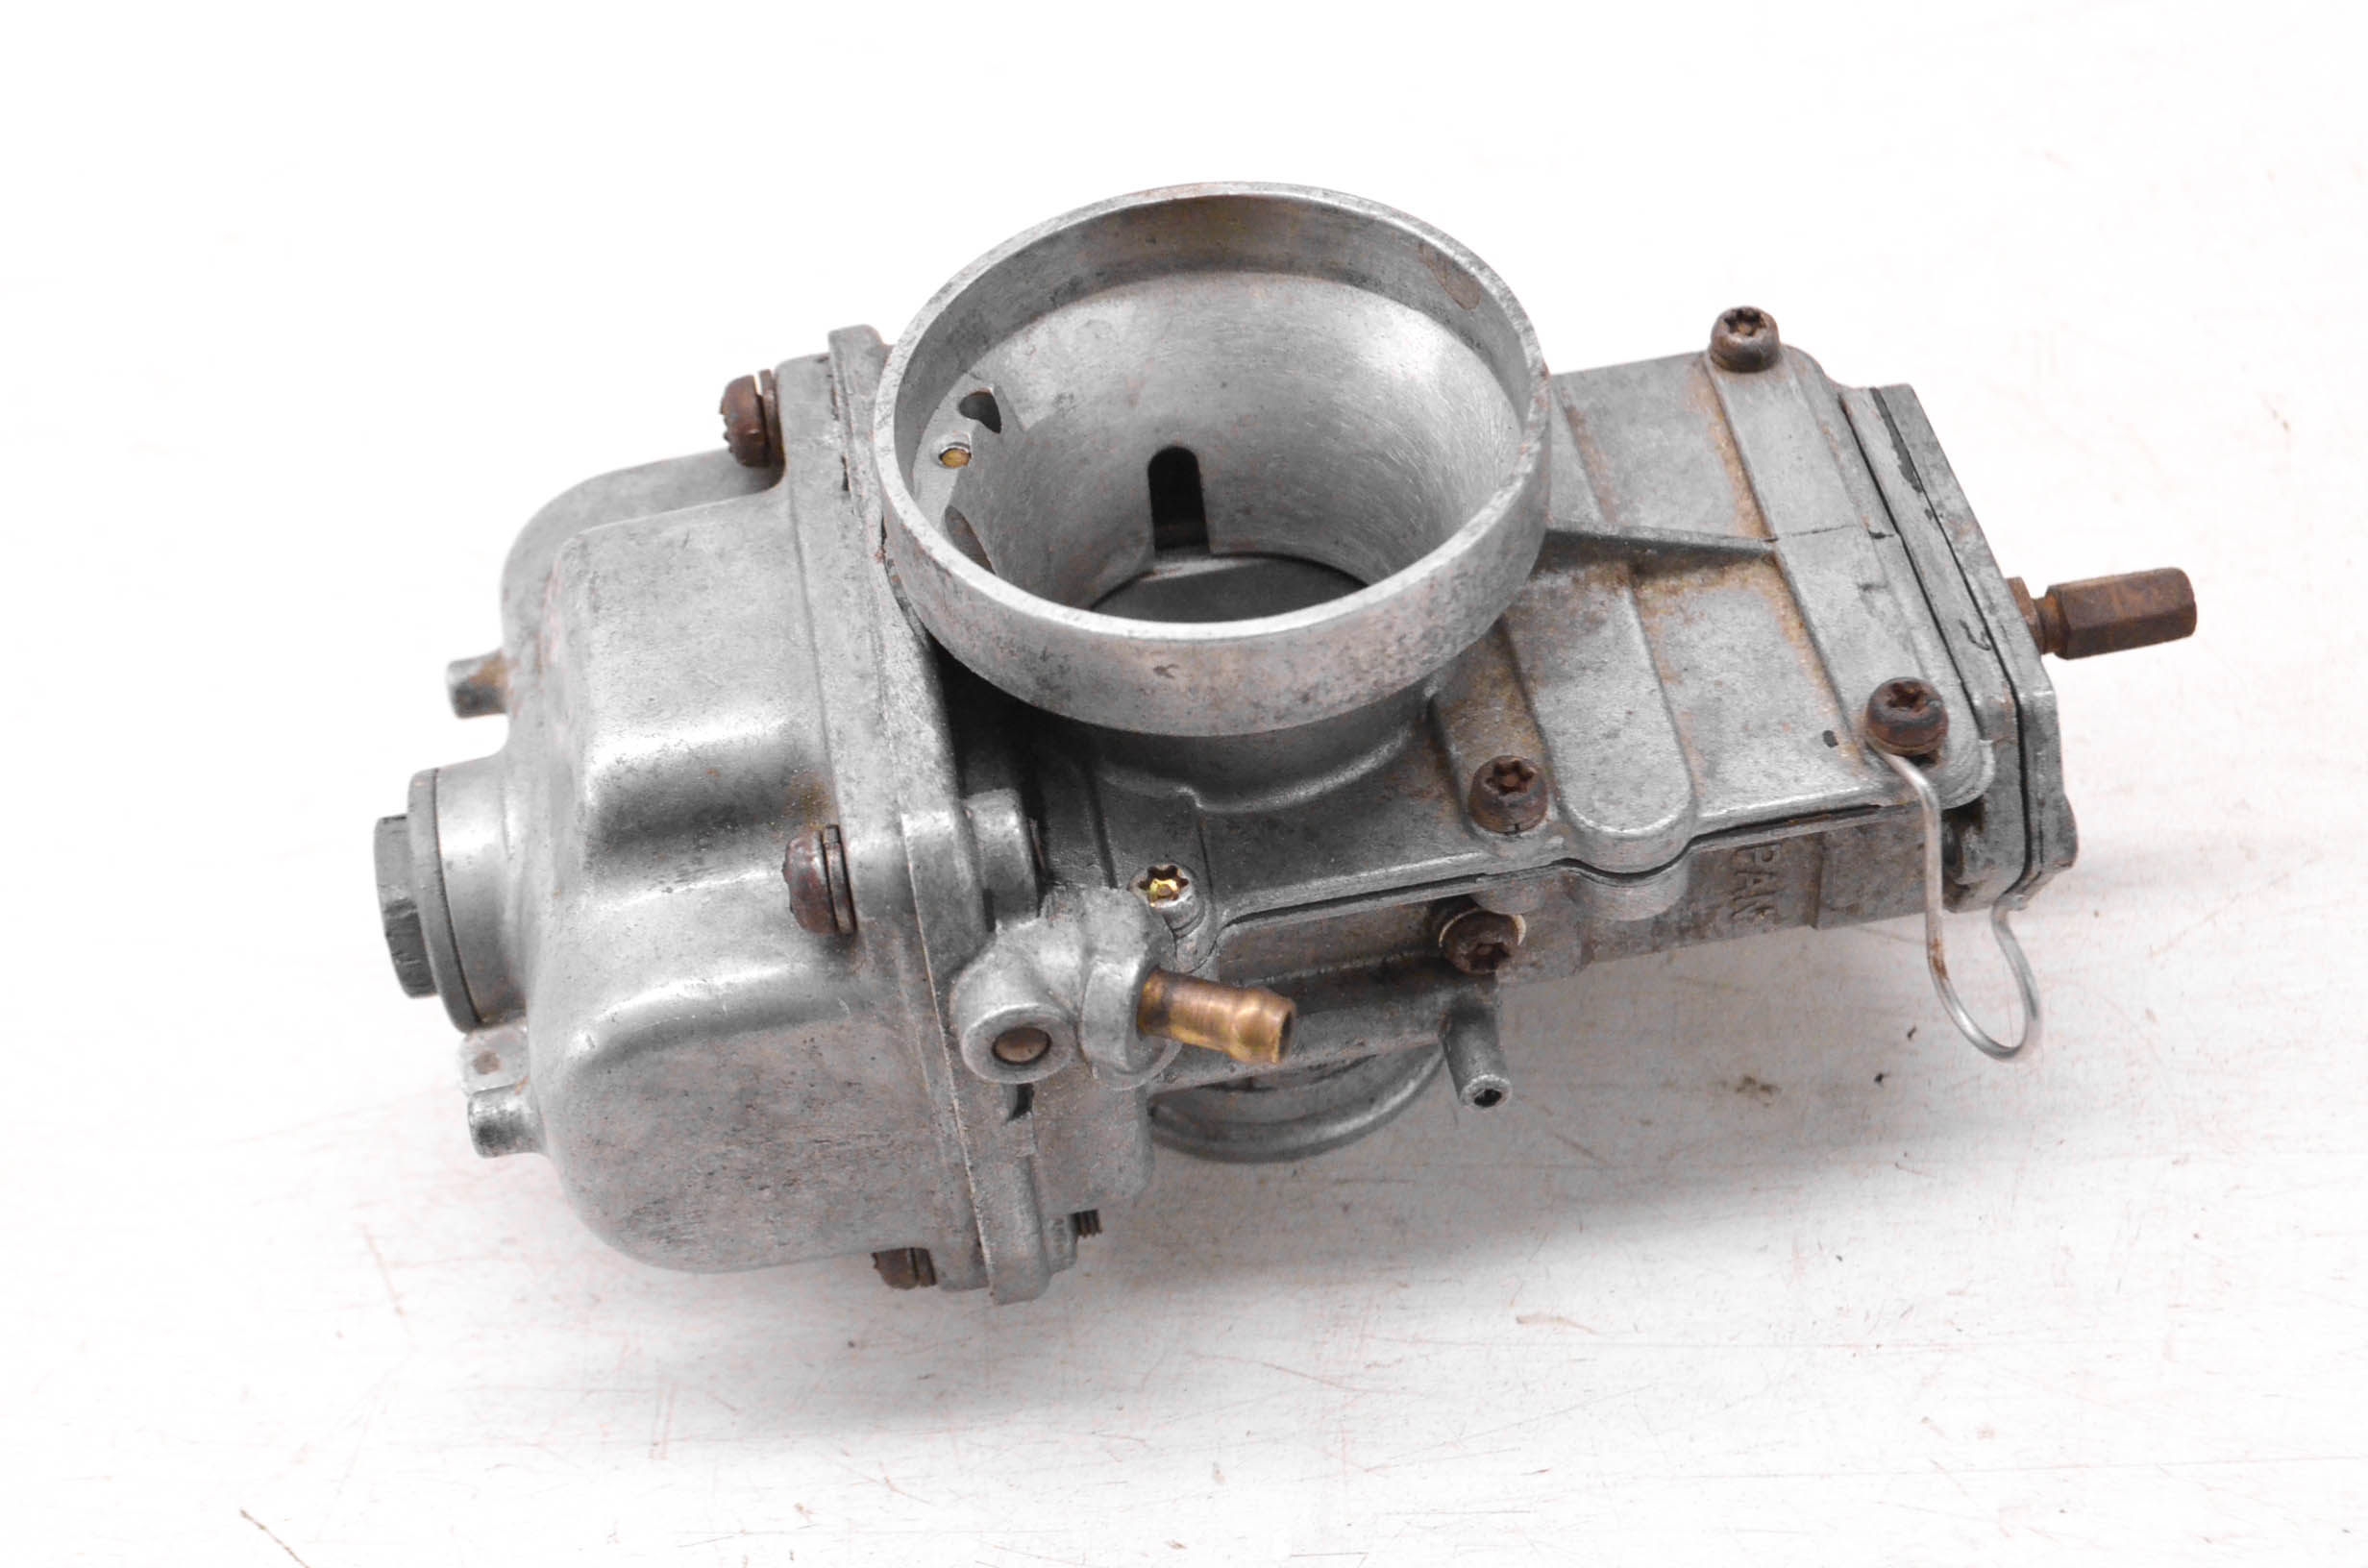 Carburetor 85-86 Honda ATC250R 85-92 FourTrax 250,87-90 Suzuki LT250R  LT500R